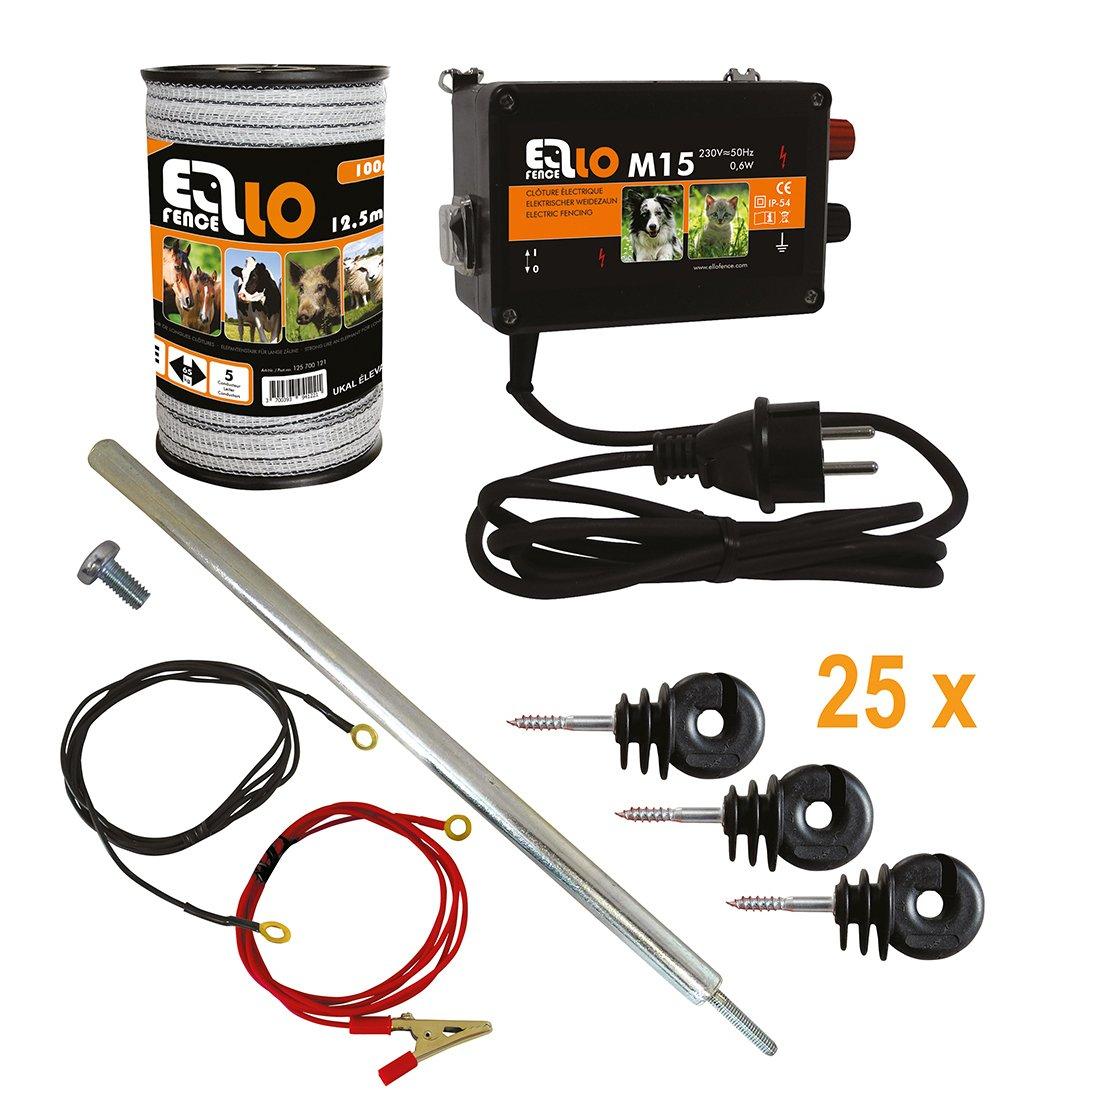 Hobby Set Starter de clôture ellofence pour clôture électrique–complet avec ruban, 12,5mm Clôture, erdpfahl et isolateurs–extrêmement silencieux Appareil. 230V Ellofence GmbH & Co. KG